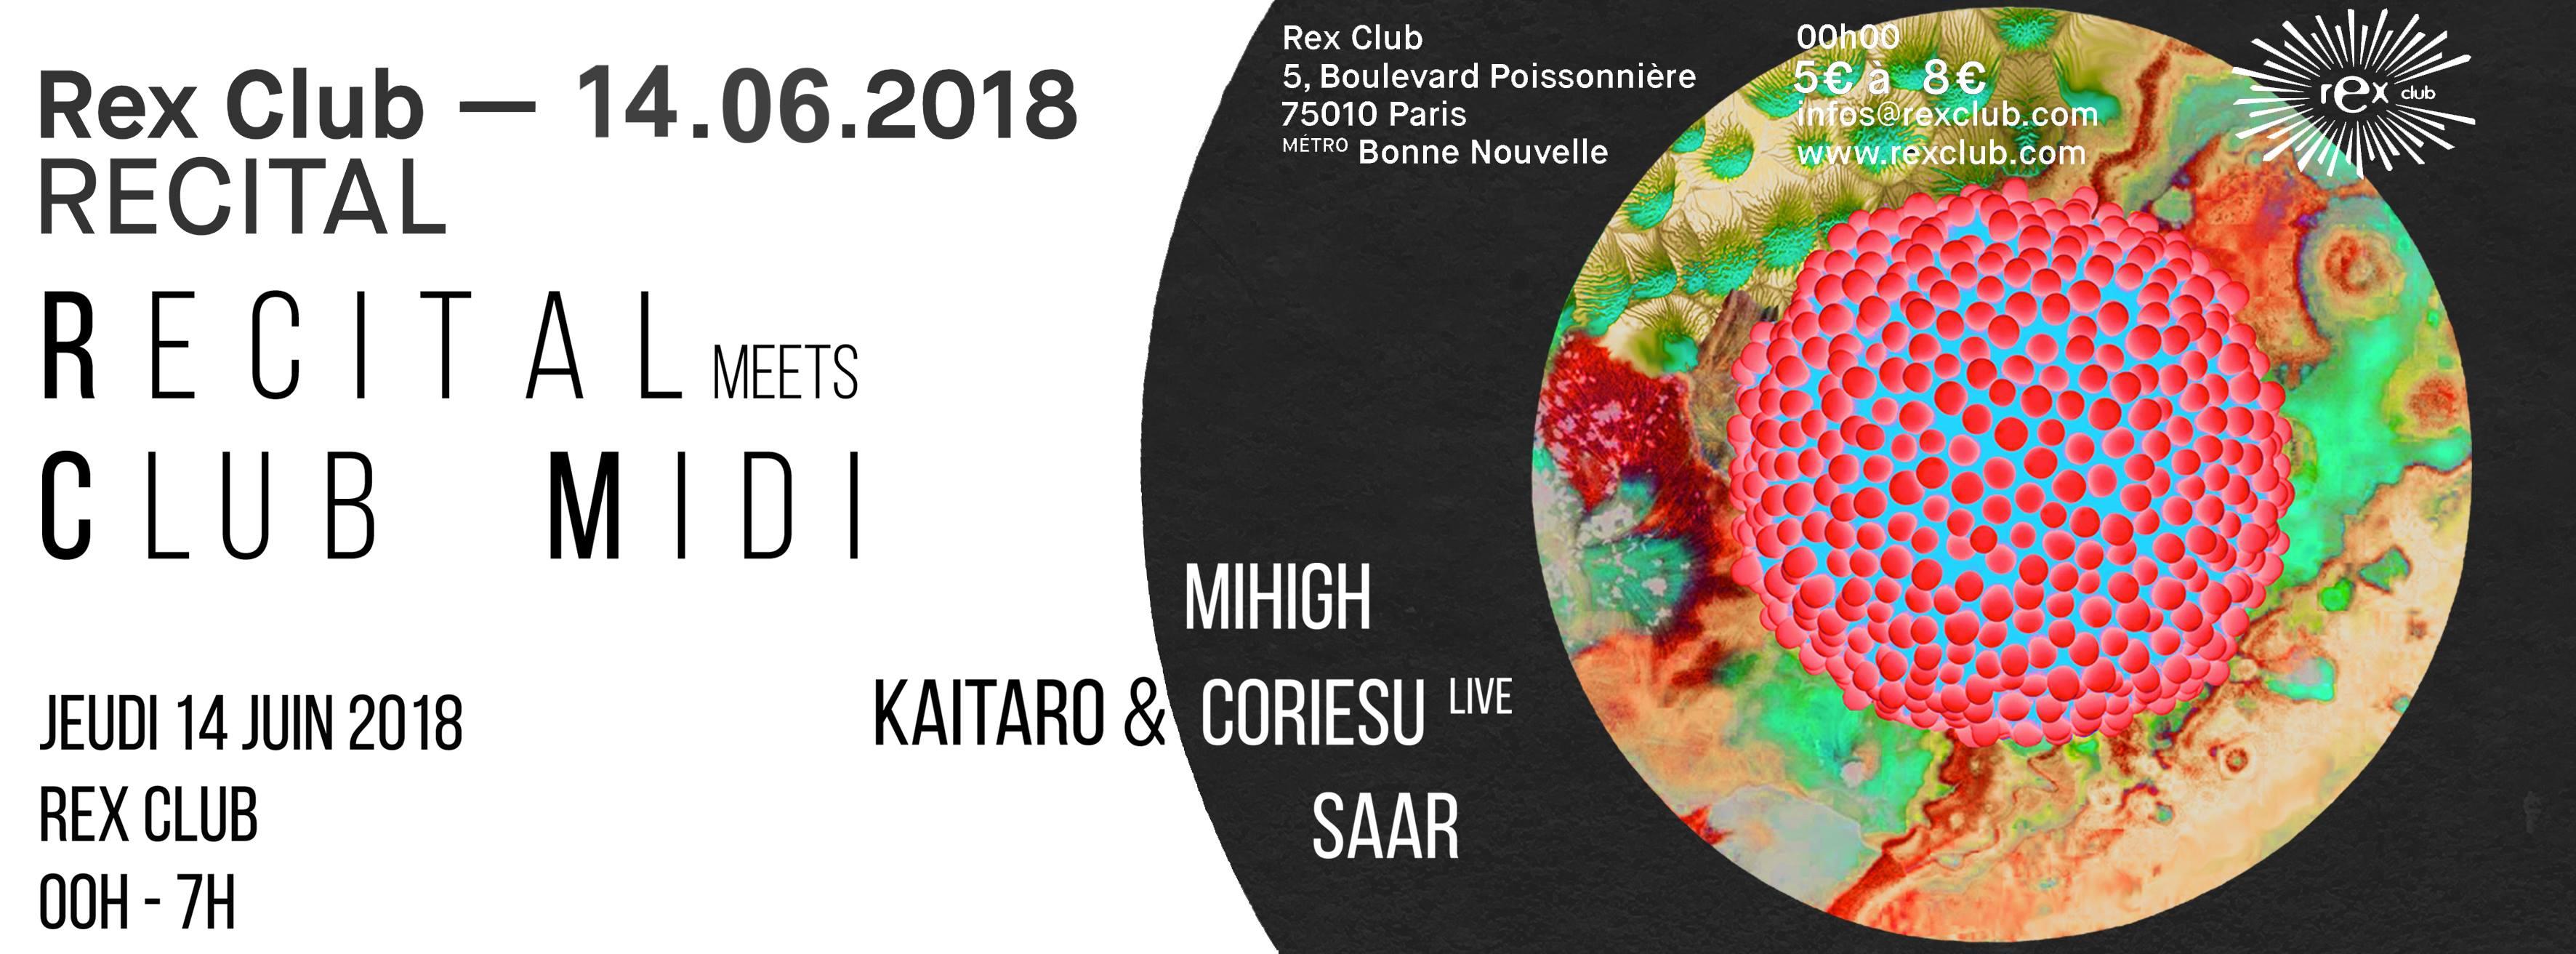 RECITAL MEETS CLUB MIDI